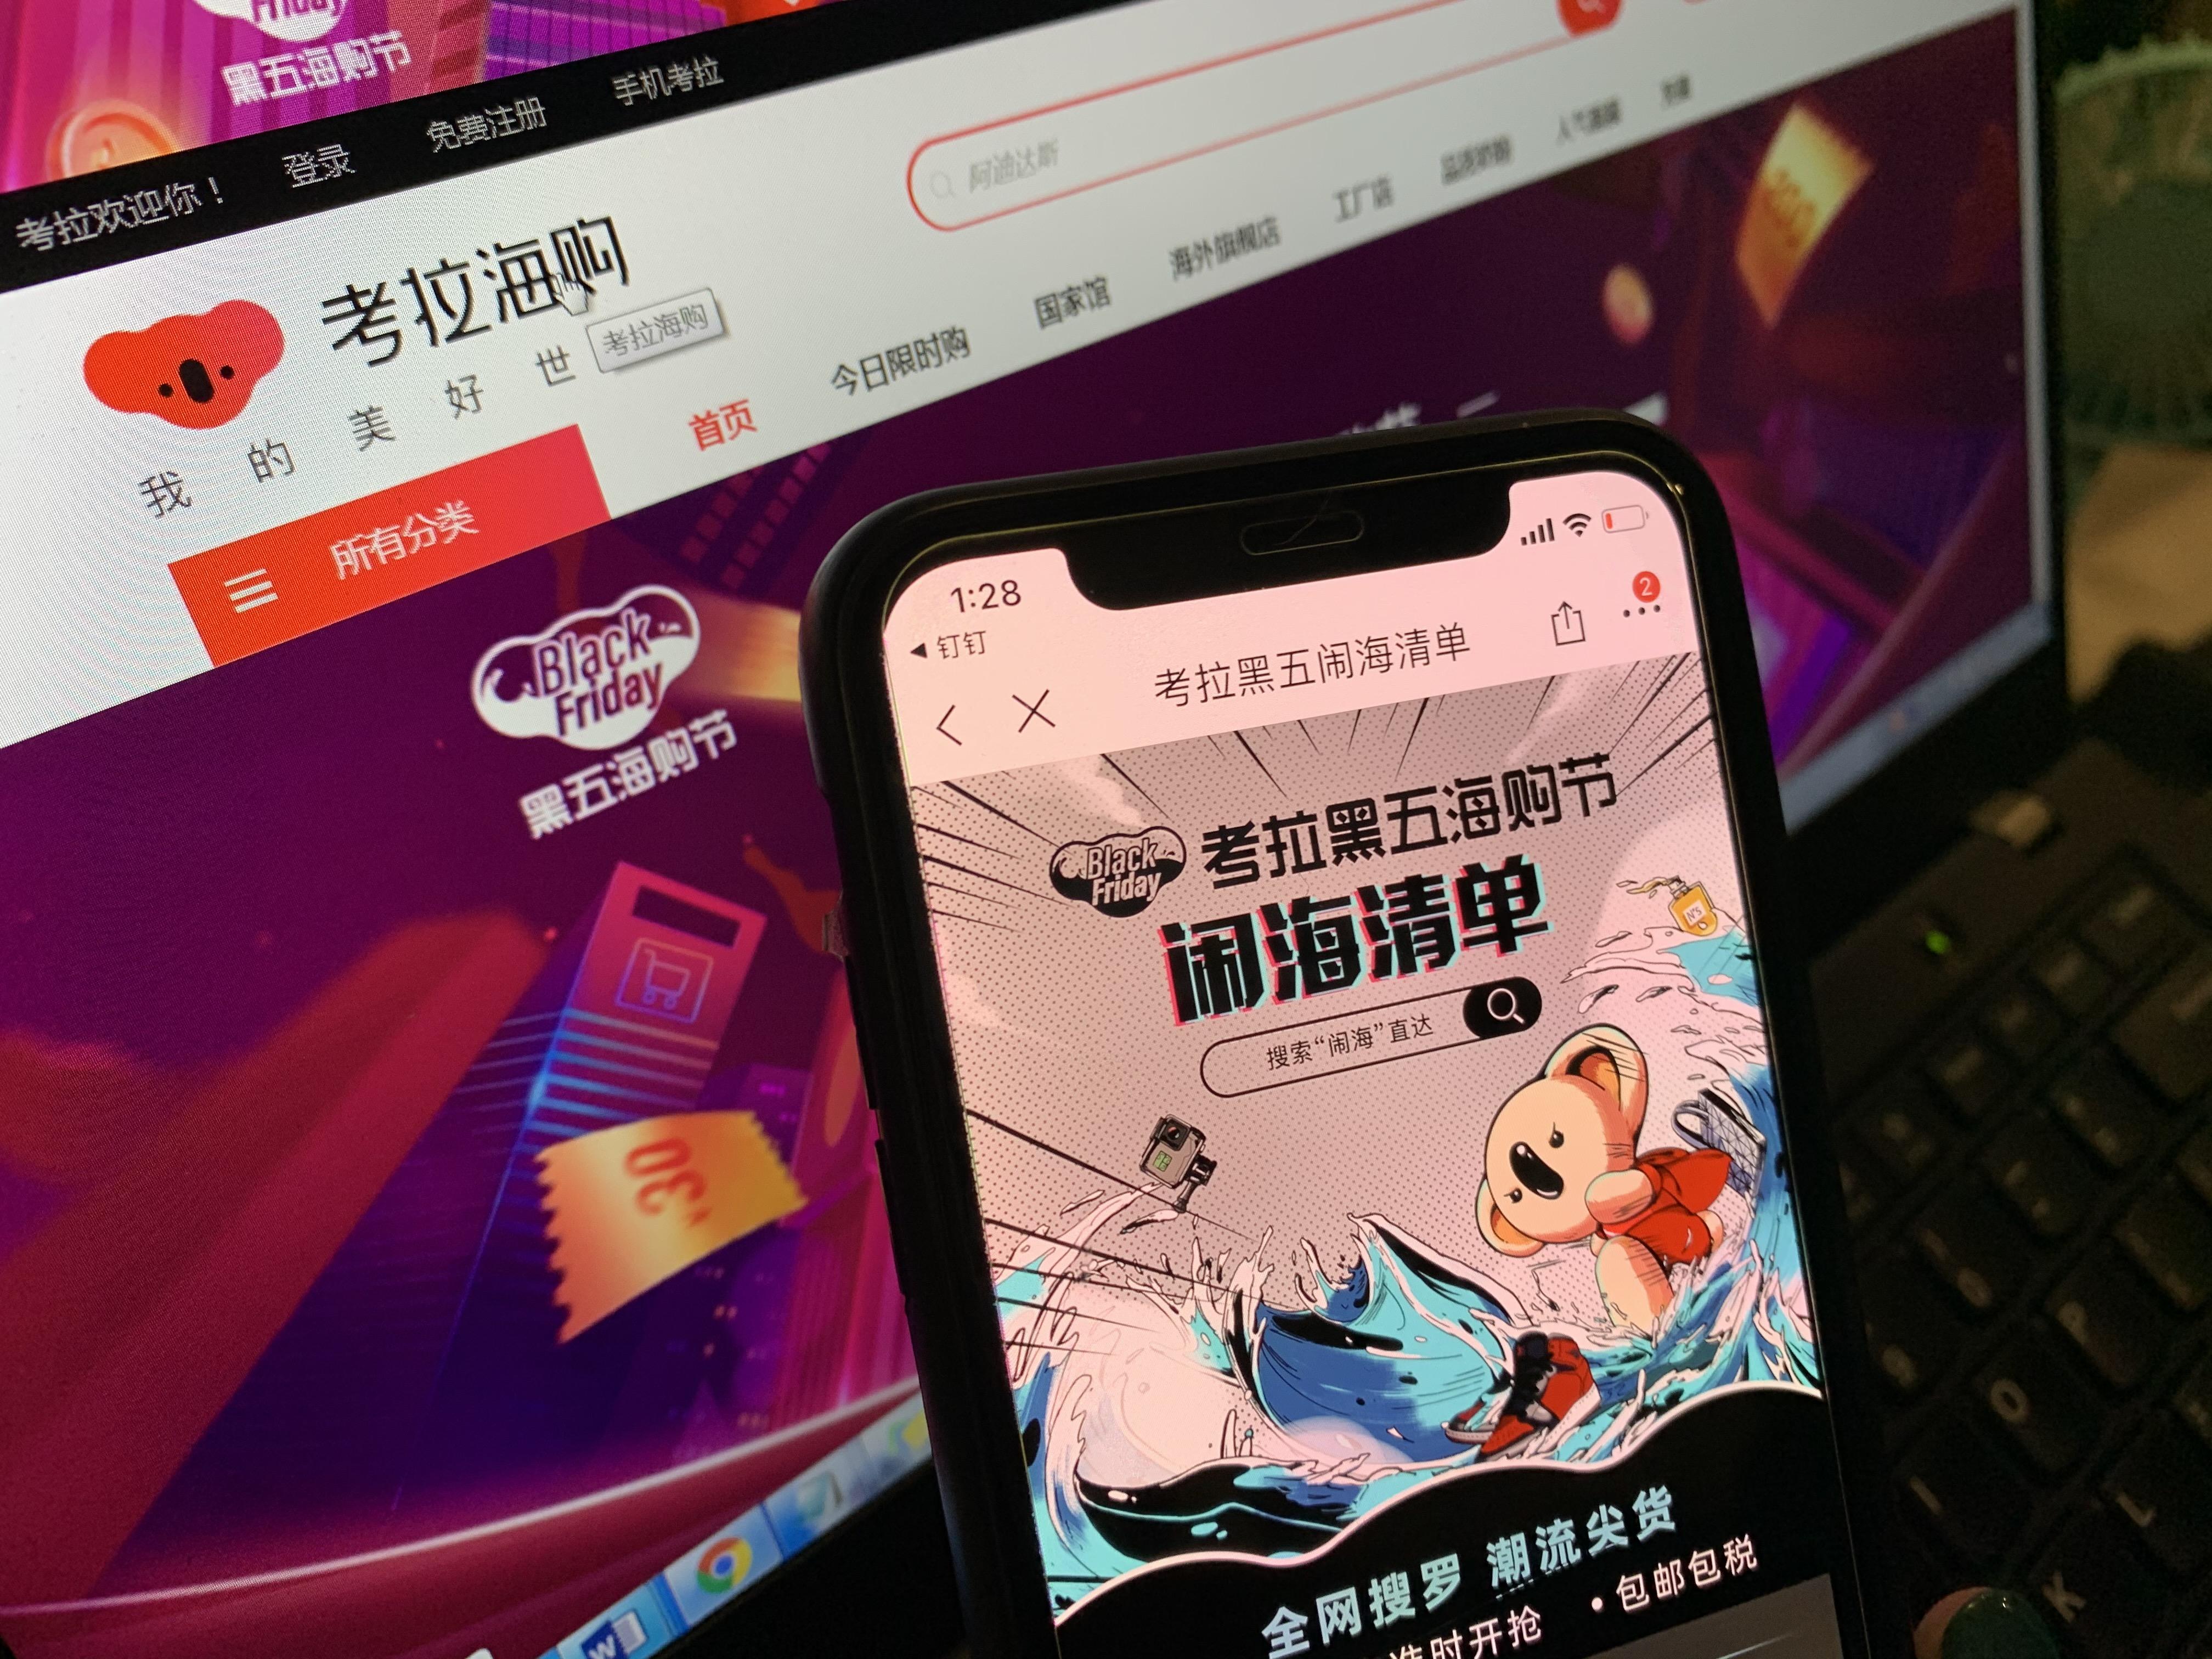 http://www.xiaoluxinxi.com/xiebaopeishi/376538.html